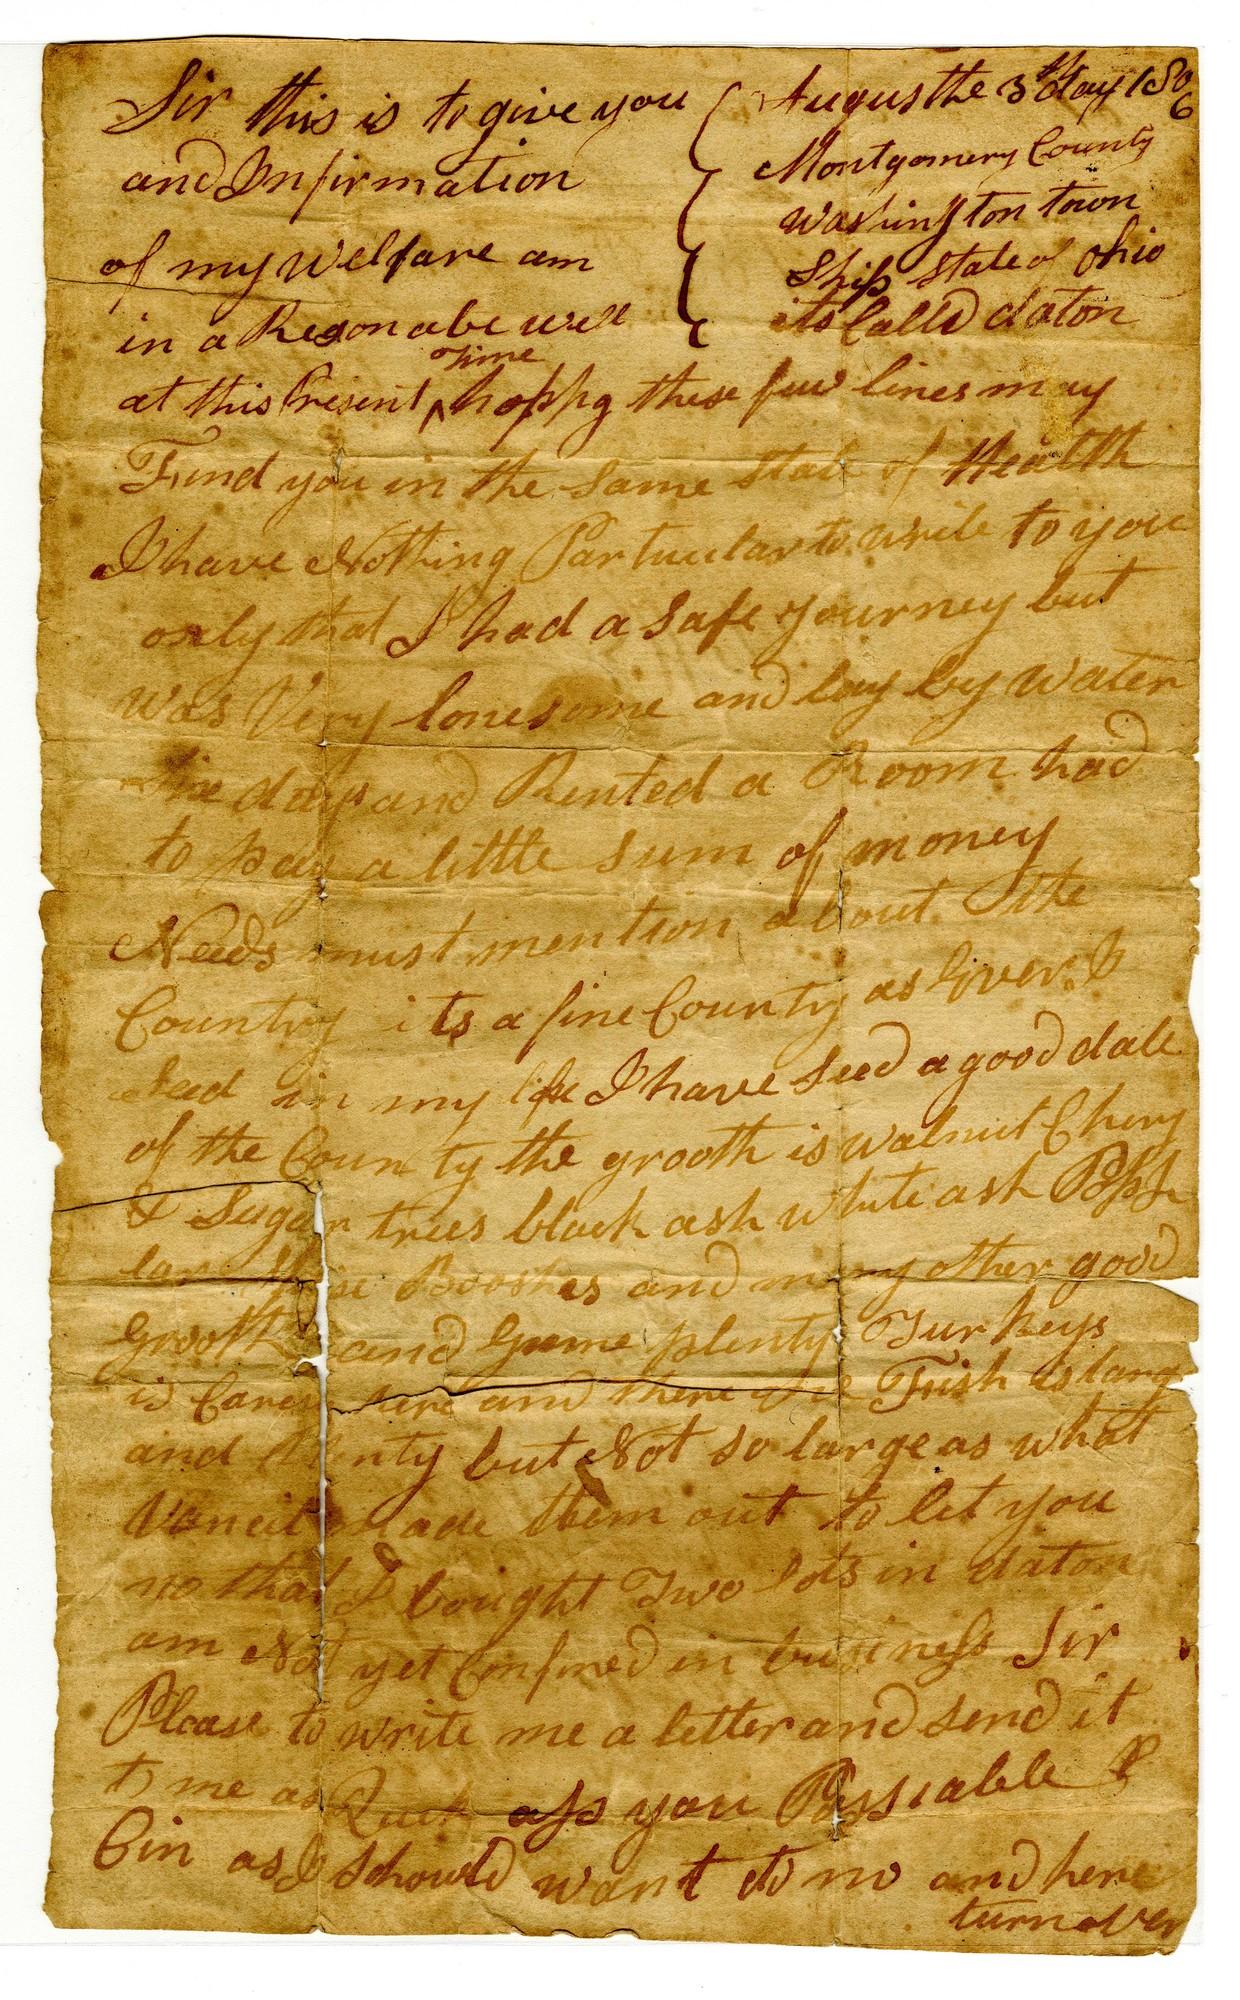 Ms1998_001_HuffHylton_Letter_1806_08xxa.jpg